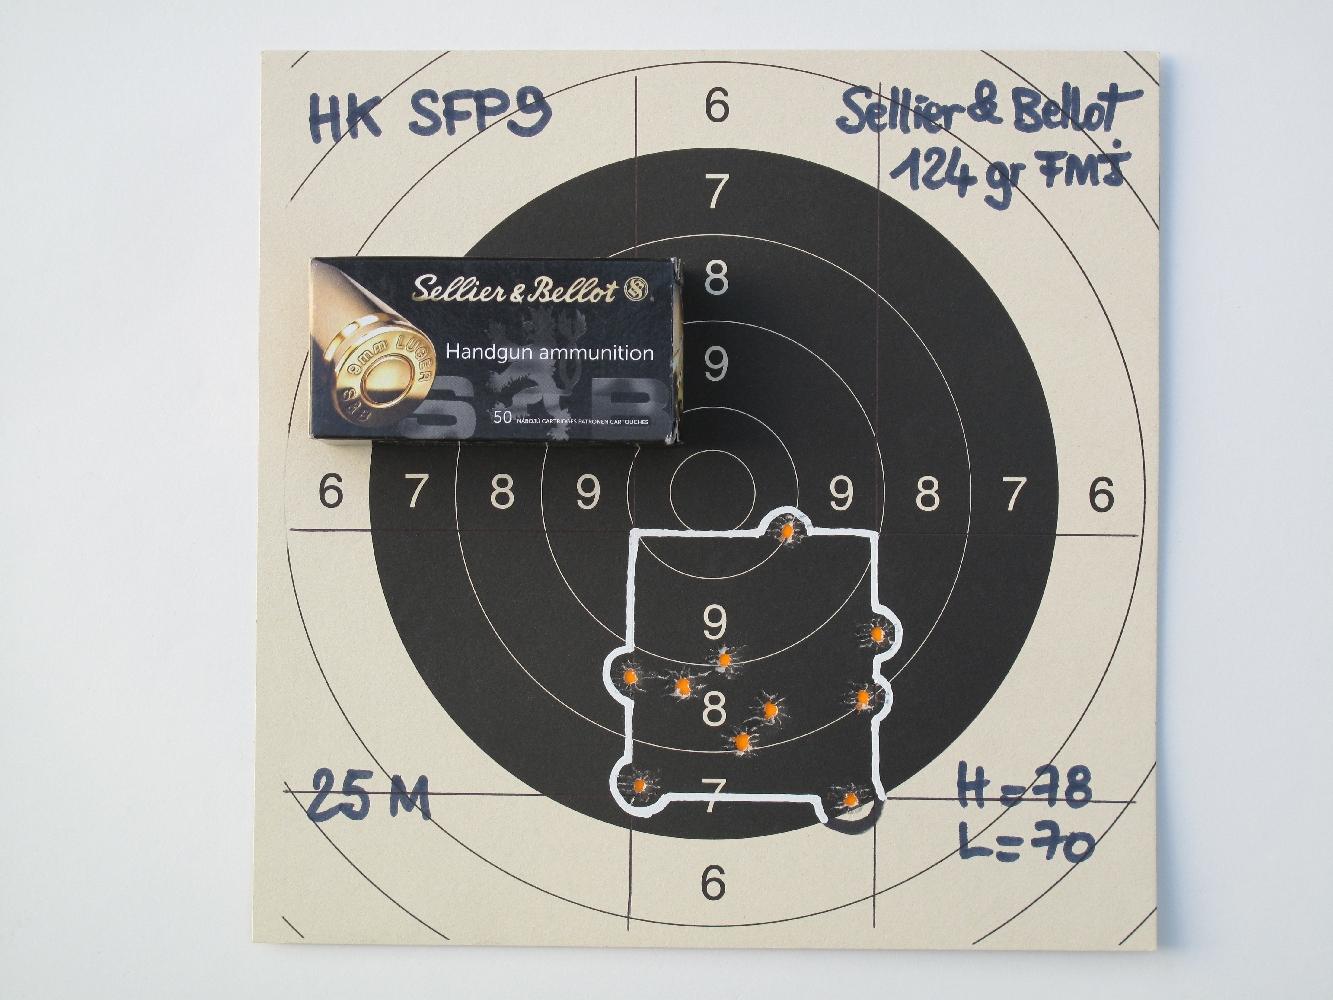 Les munitions manufacturées Sellier & Bellot à balle blindée Round Nose de 124 grains procurent dans ce pistolet une précision tout à fait satisfaisante.